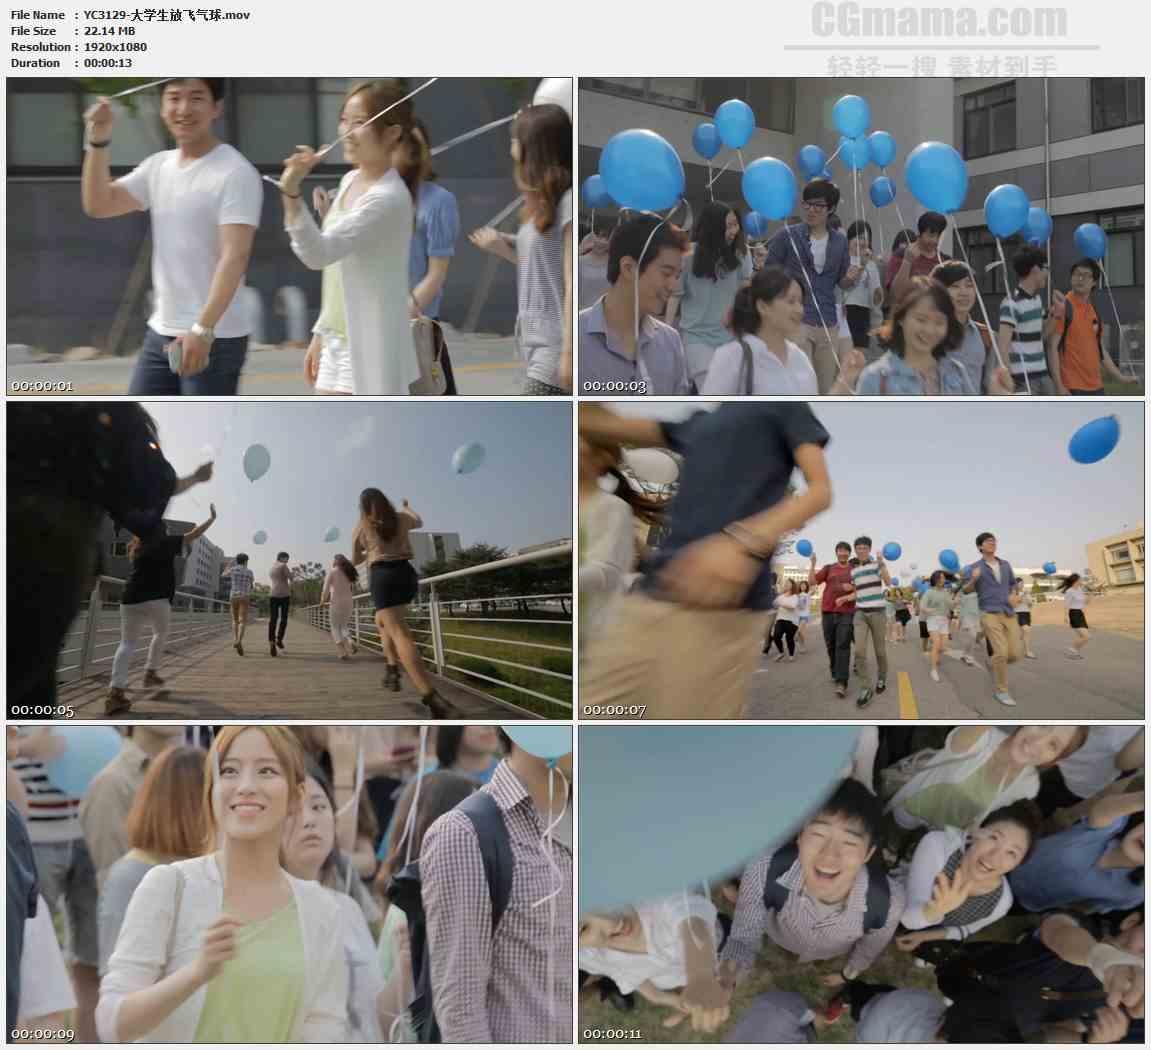 YC3129-大学生放飞气球高清实拍视频素材